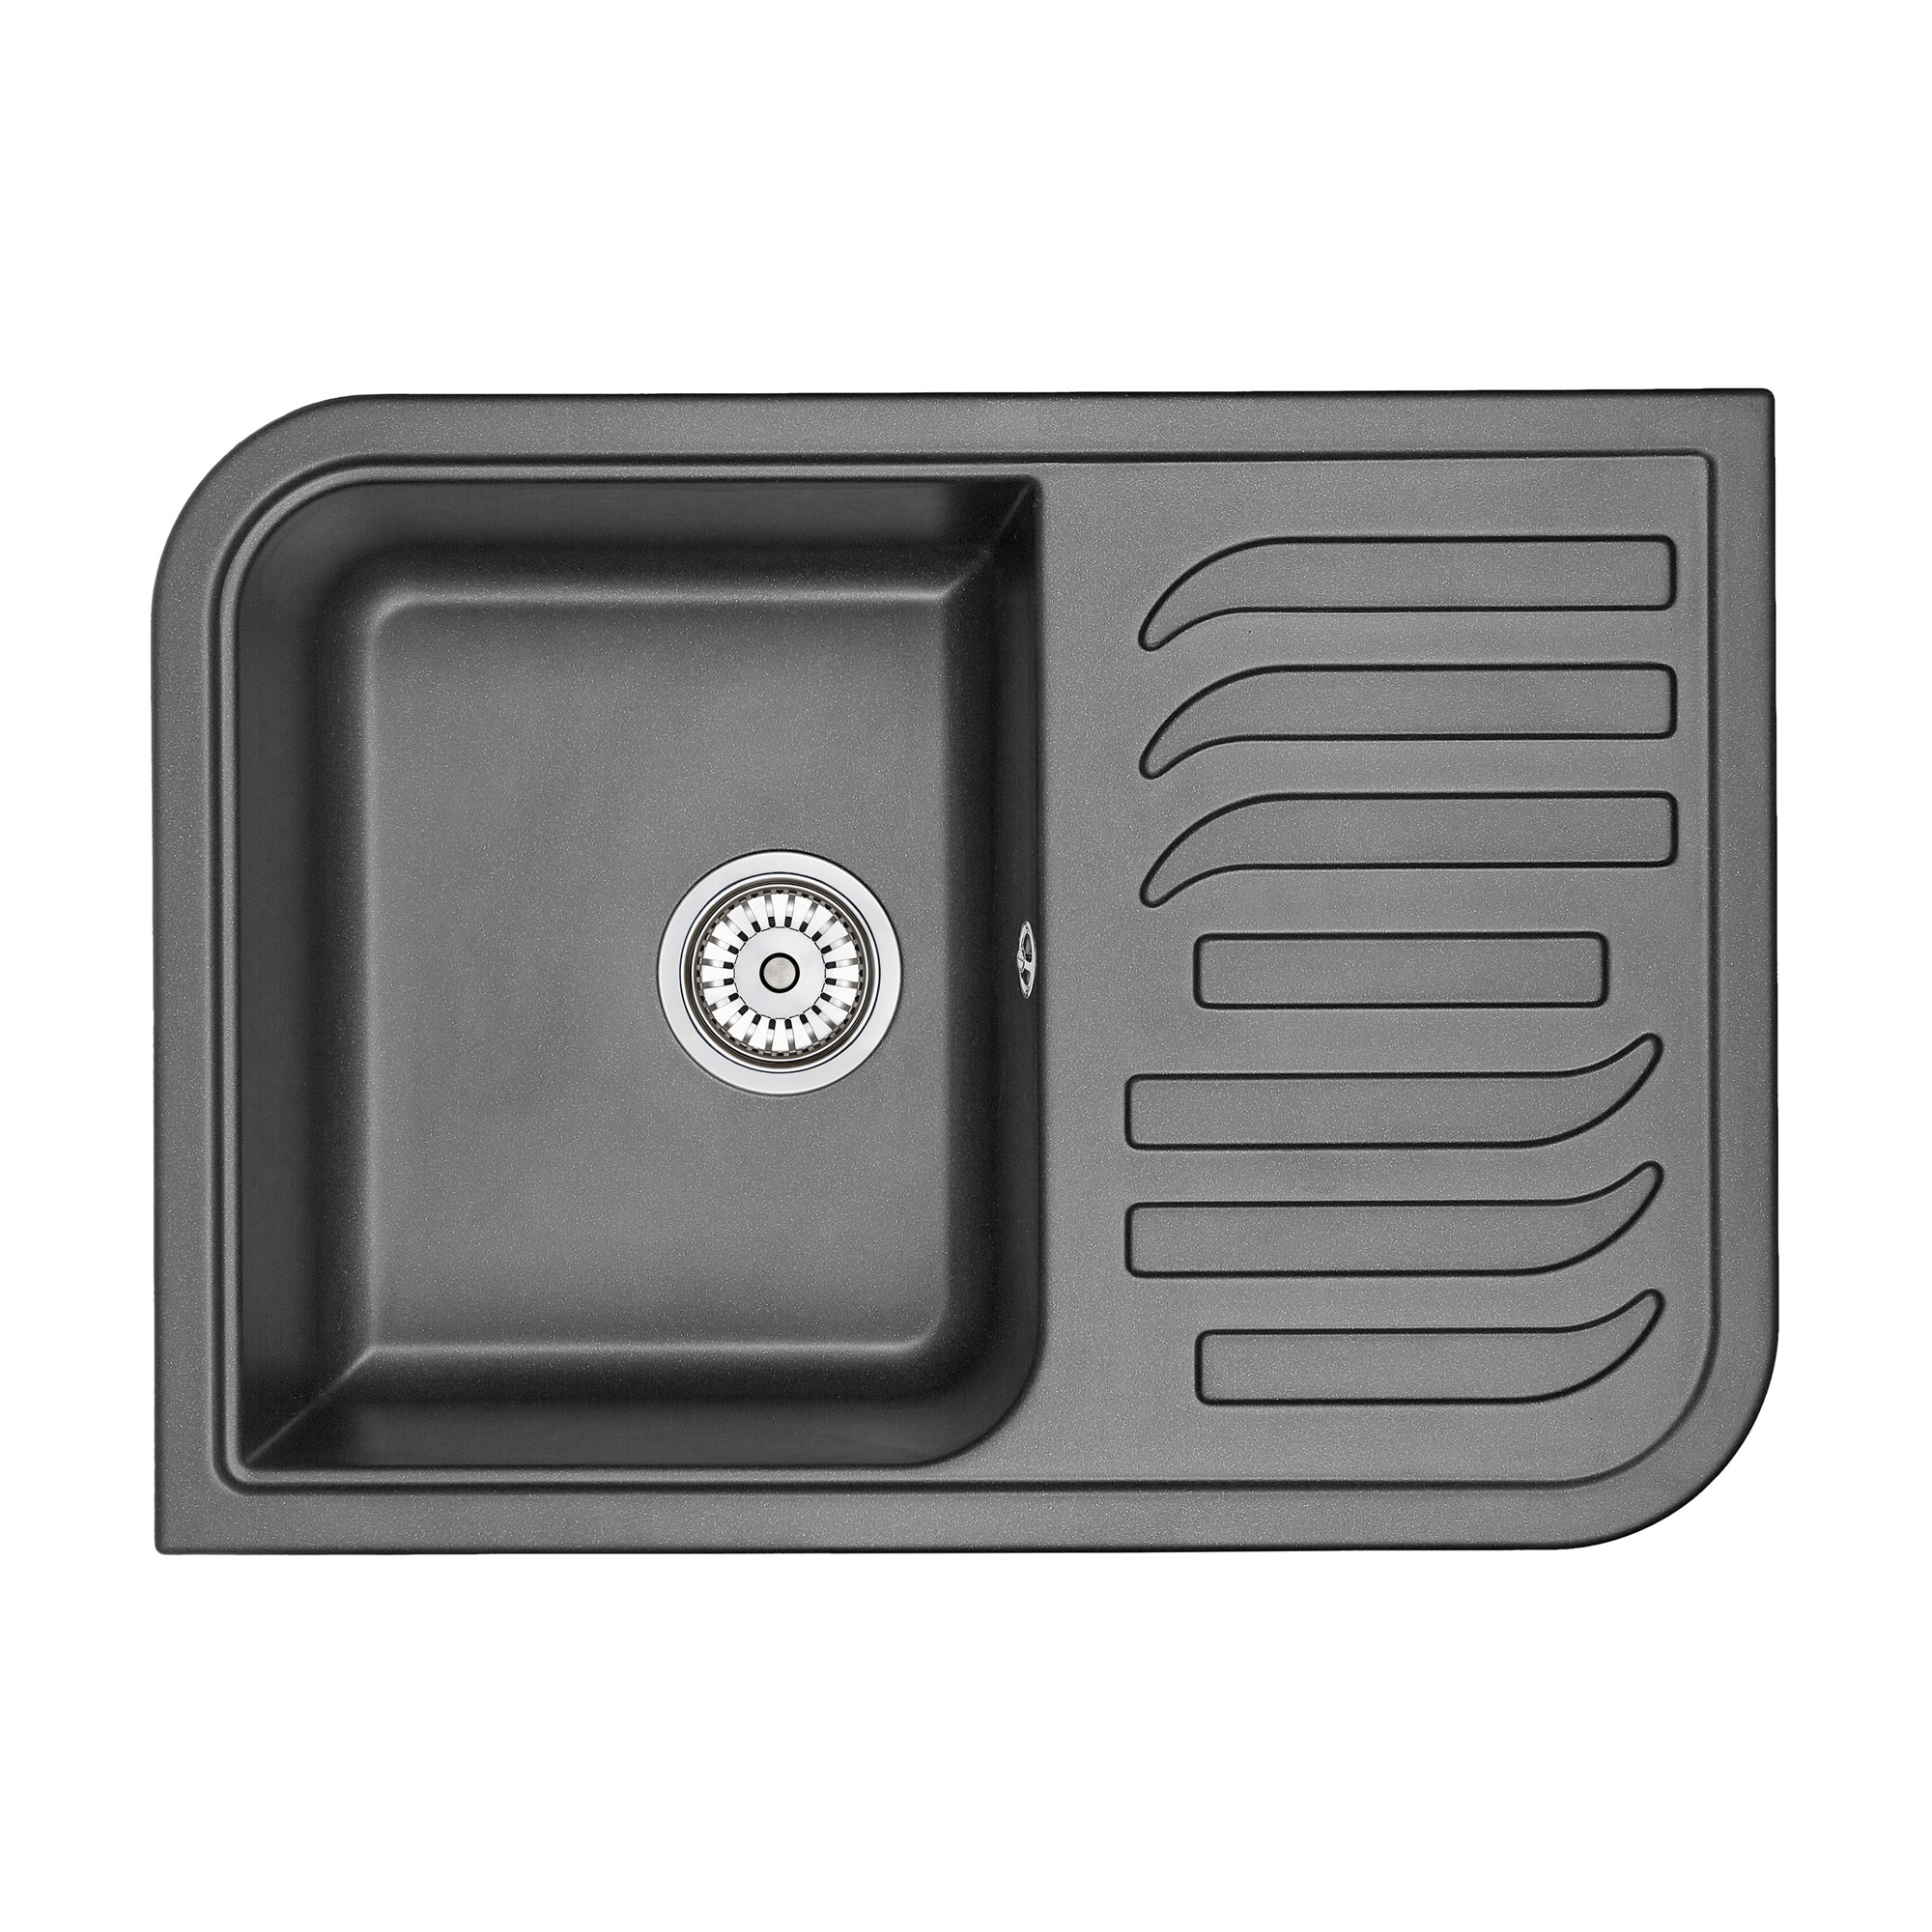 Кухонная мойка Granula GR-7001 695х495 шварц смеситель для мойки granula 1124 шварц